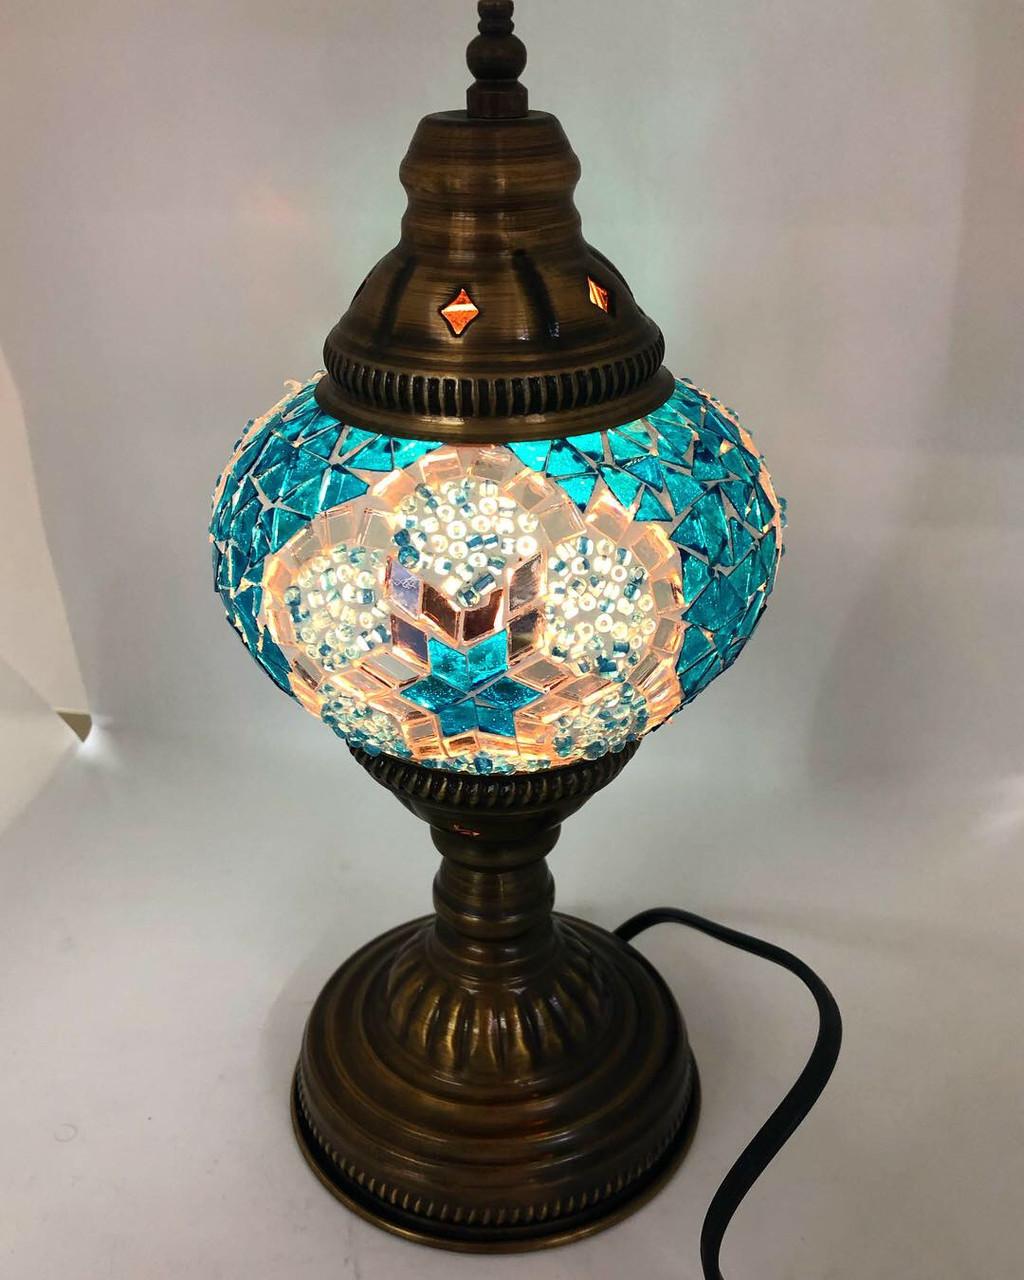 Настольный турецкий светильник Sinan из мозаики ручной работы бирюзовый, фото 1